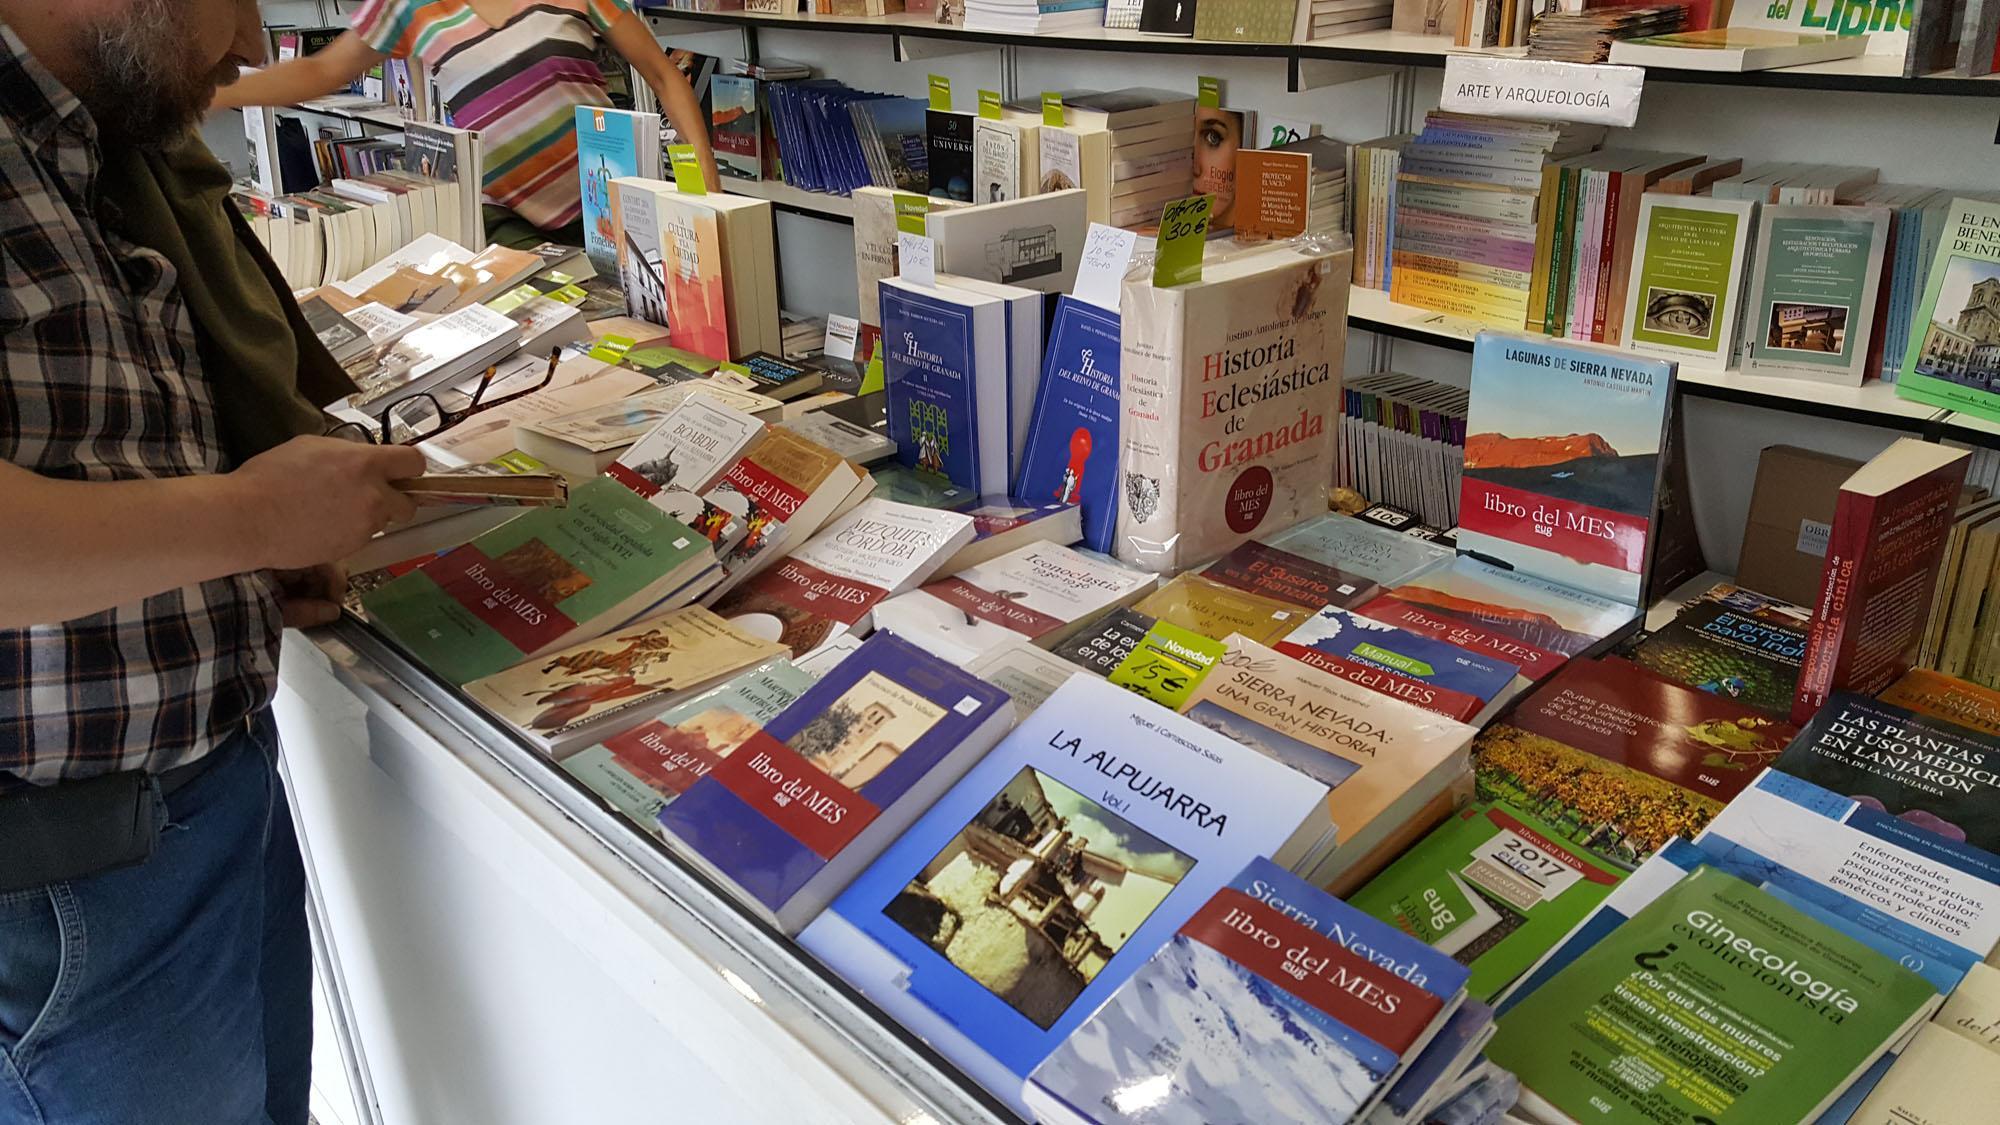 La Editorial Universidad de Granada participa intensamente durante la Feria del Libro 2021